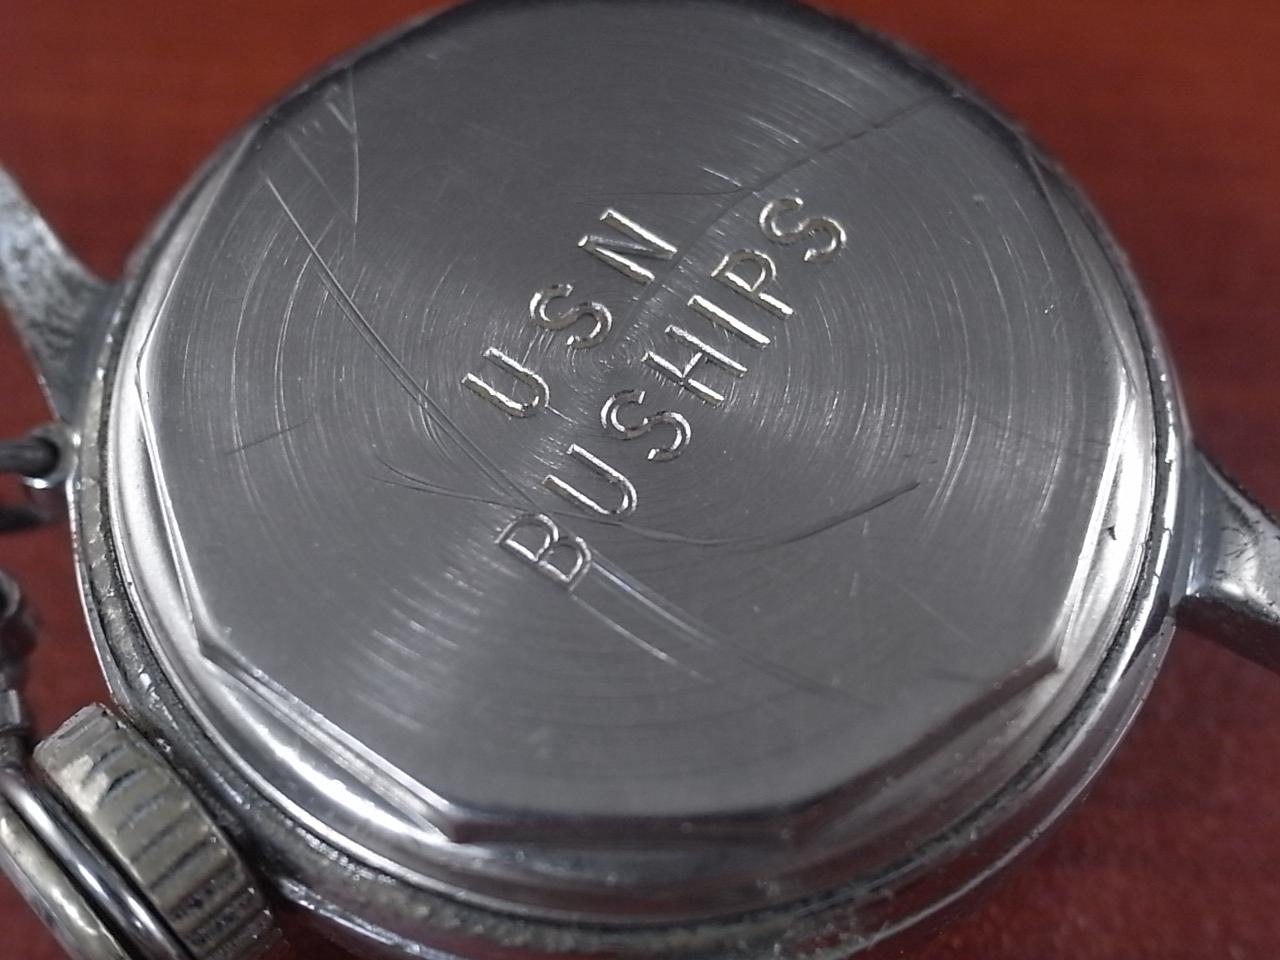 ハミルトン 軍用時計 米海軍 USN BUSHIPS 1940年代の写真4枚目